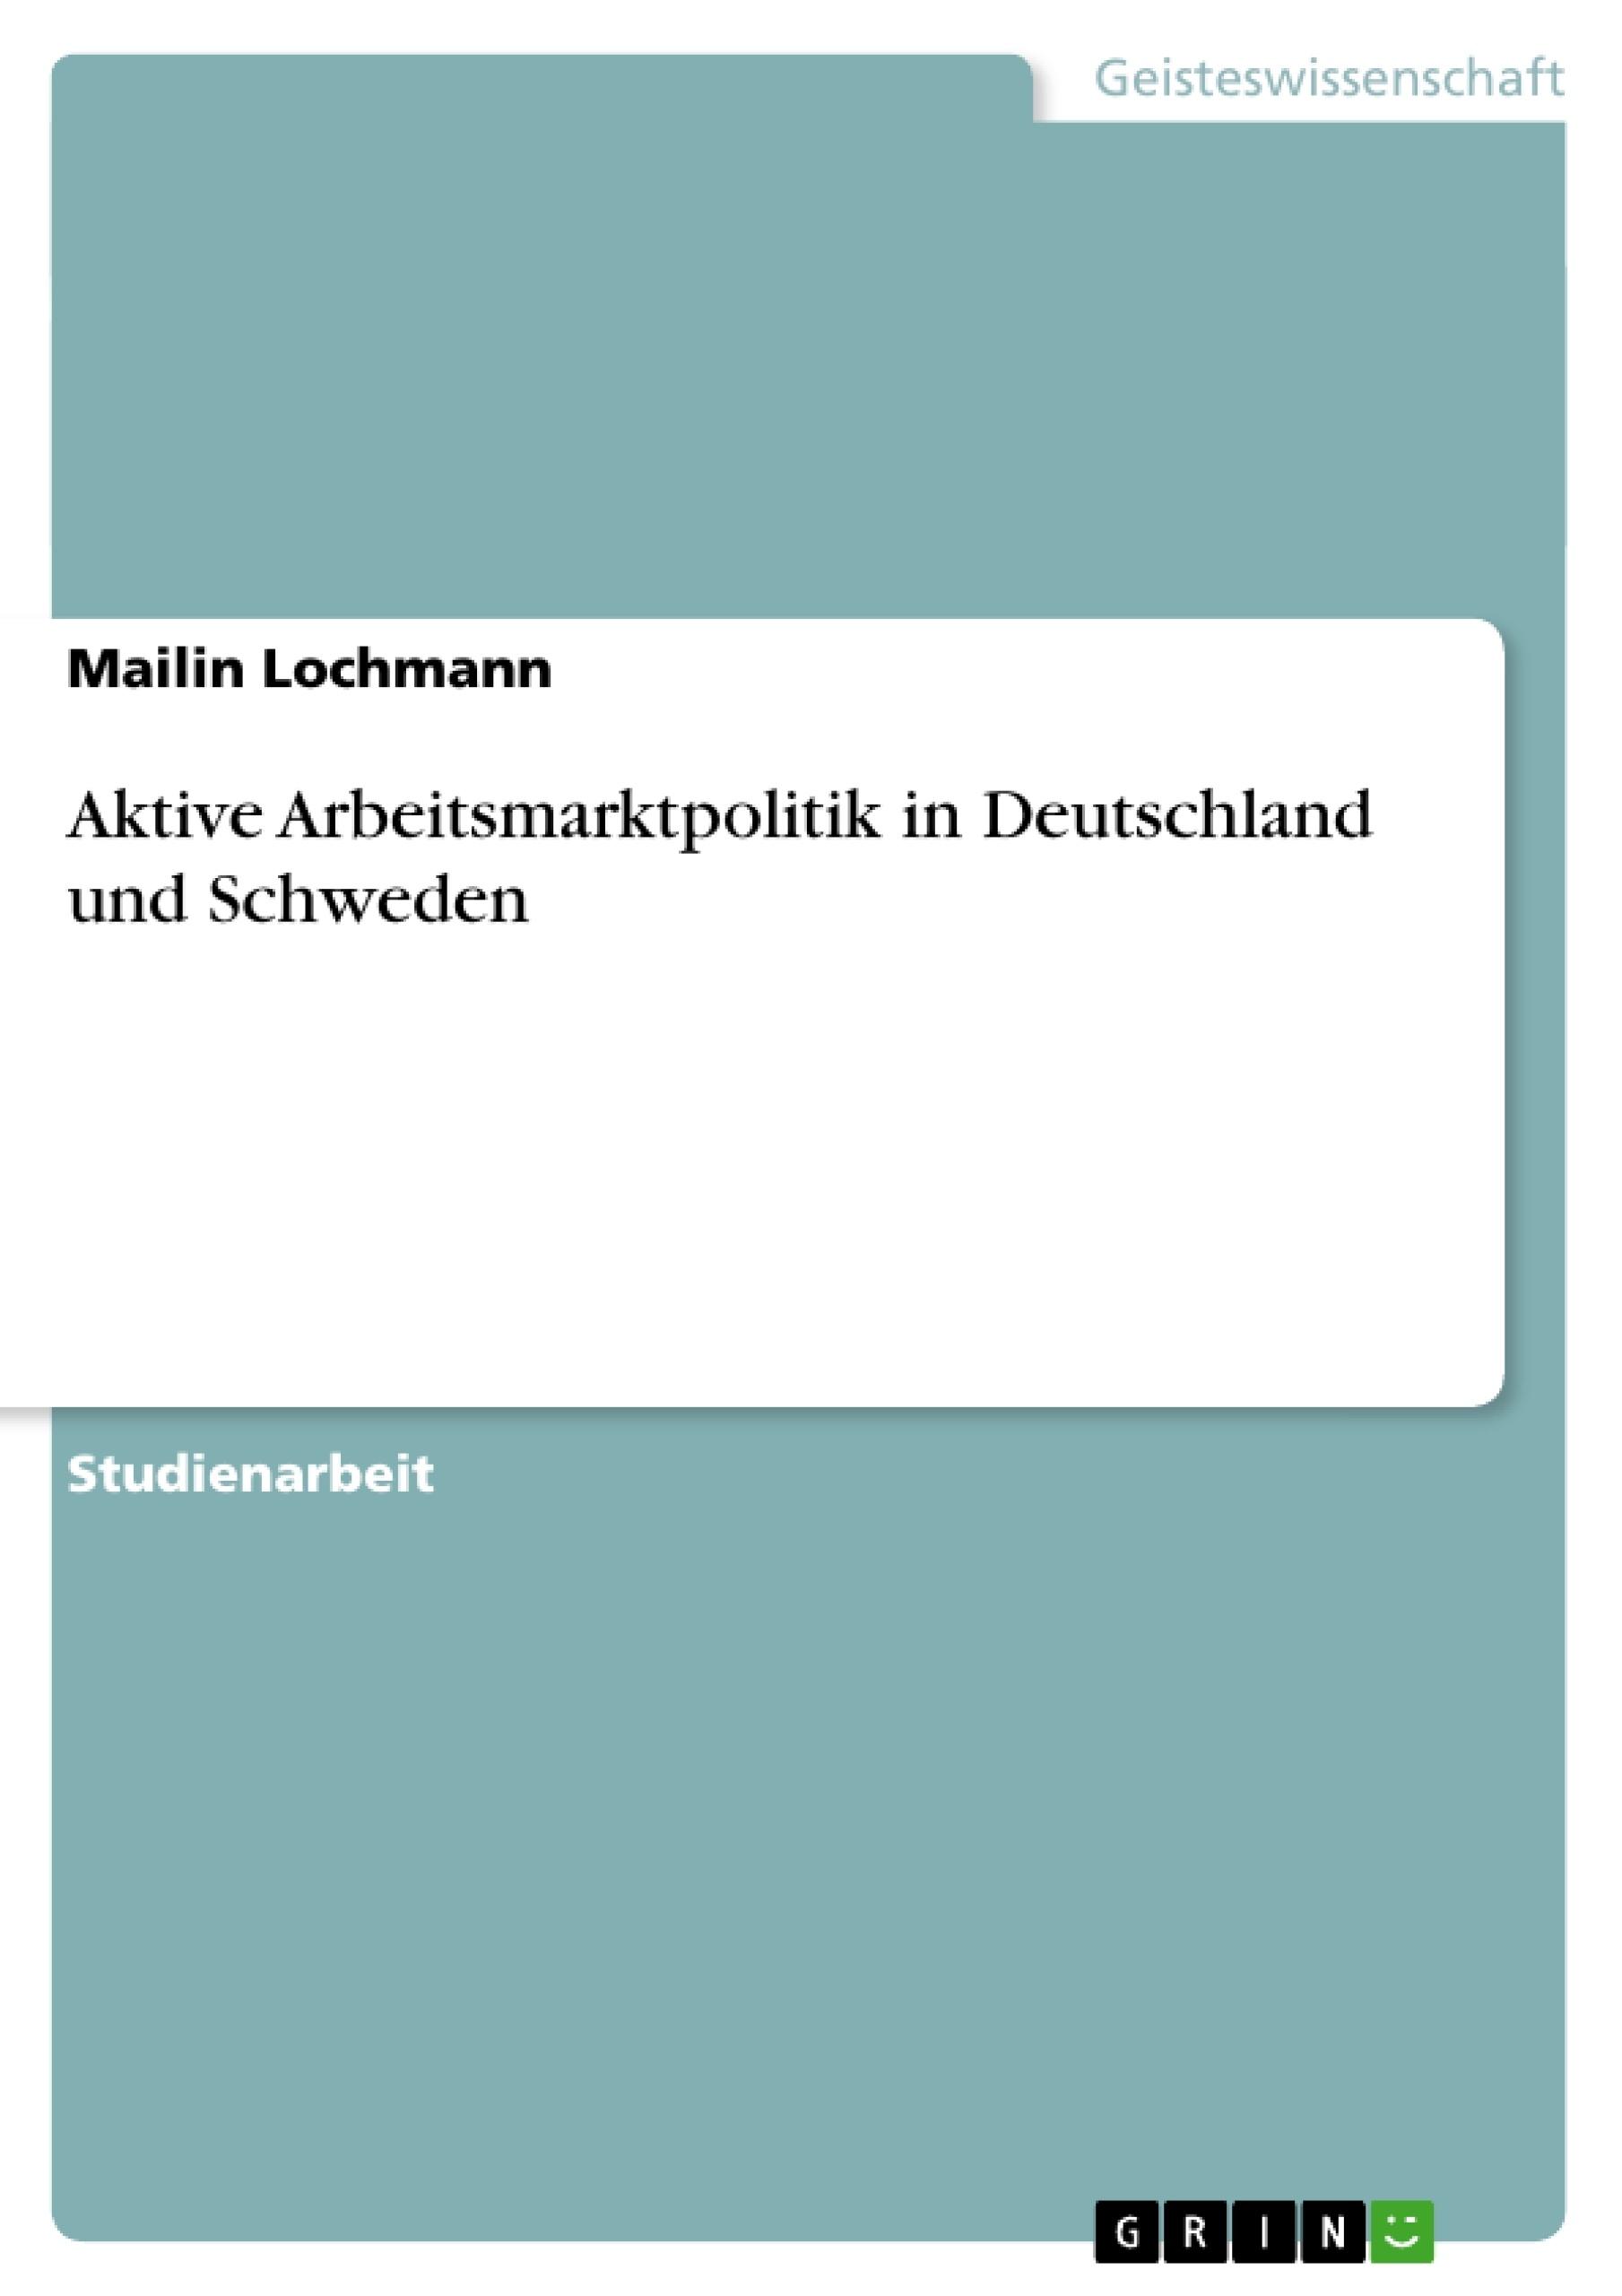 Titel: Aktive Arbeitsmarktpolitik in Deutschland und Schweden